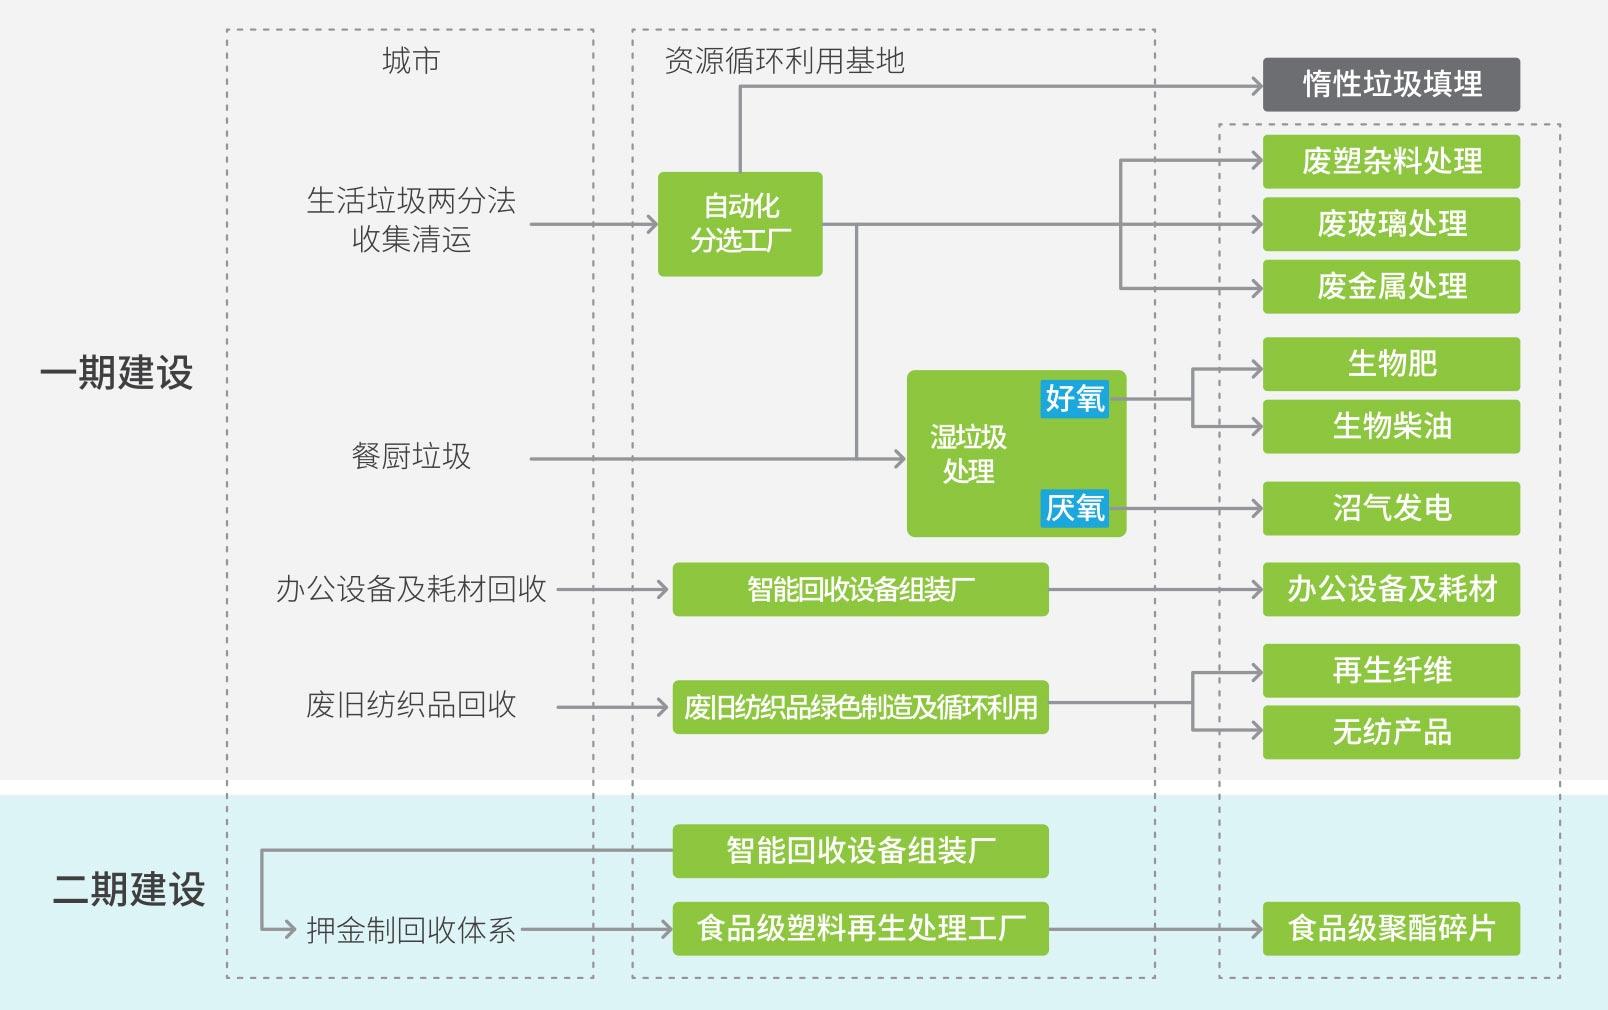 廣東新的垃圾分類系統要多少錢 歡迎咨詢「陜西迪爾西信息科技供應」